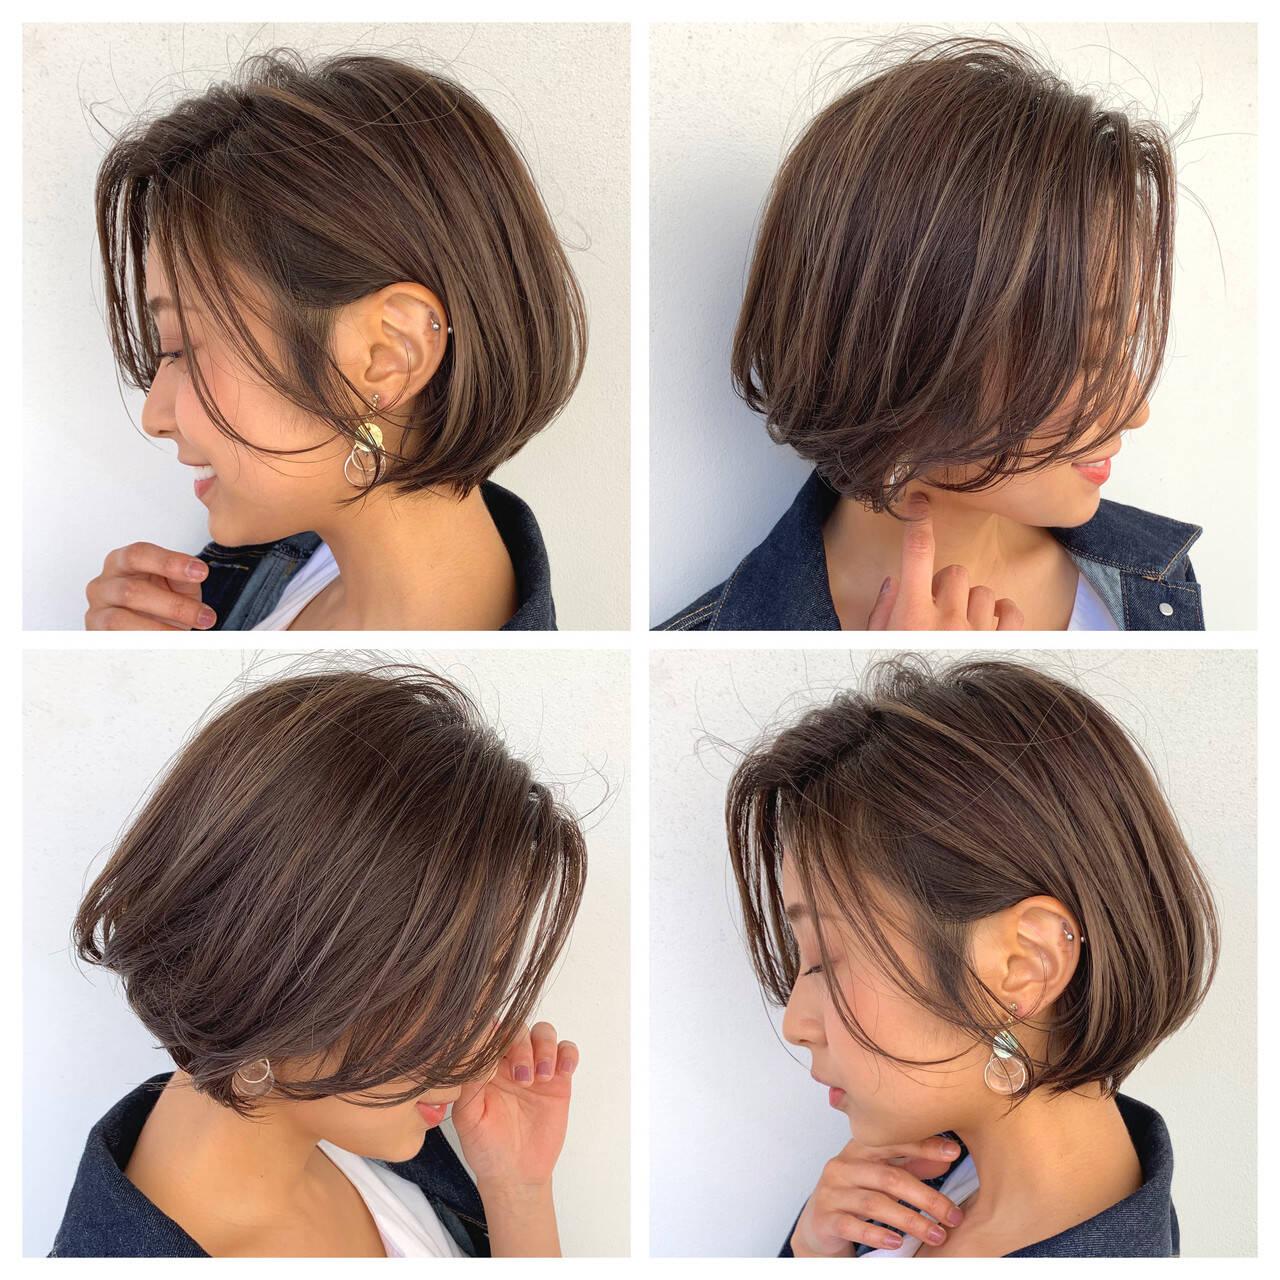 大人女子 ナチュラル ショートボブ モカベージュヘアスタイルや髪型の写真・画像